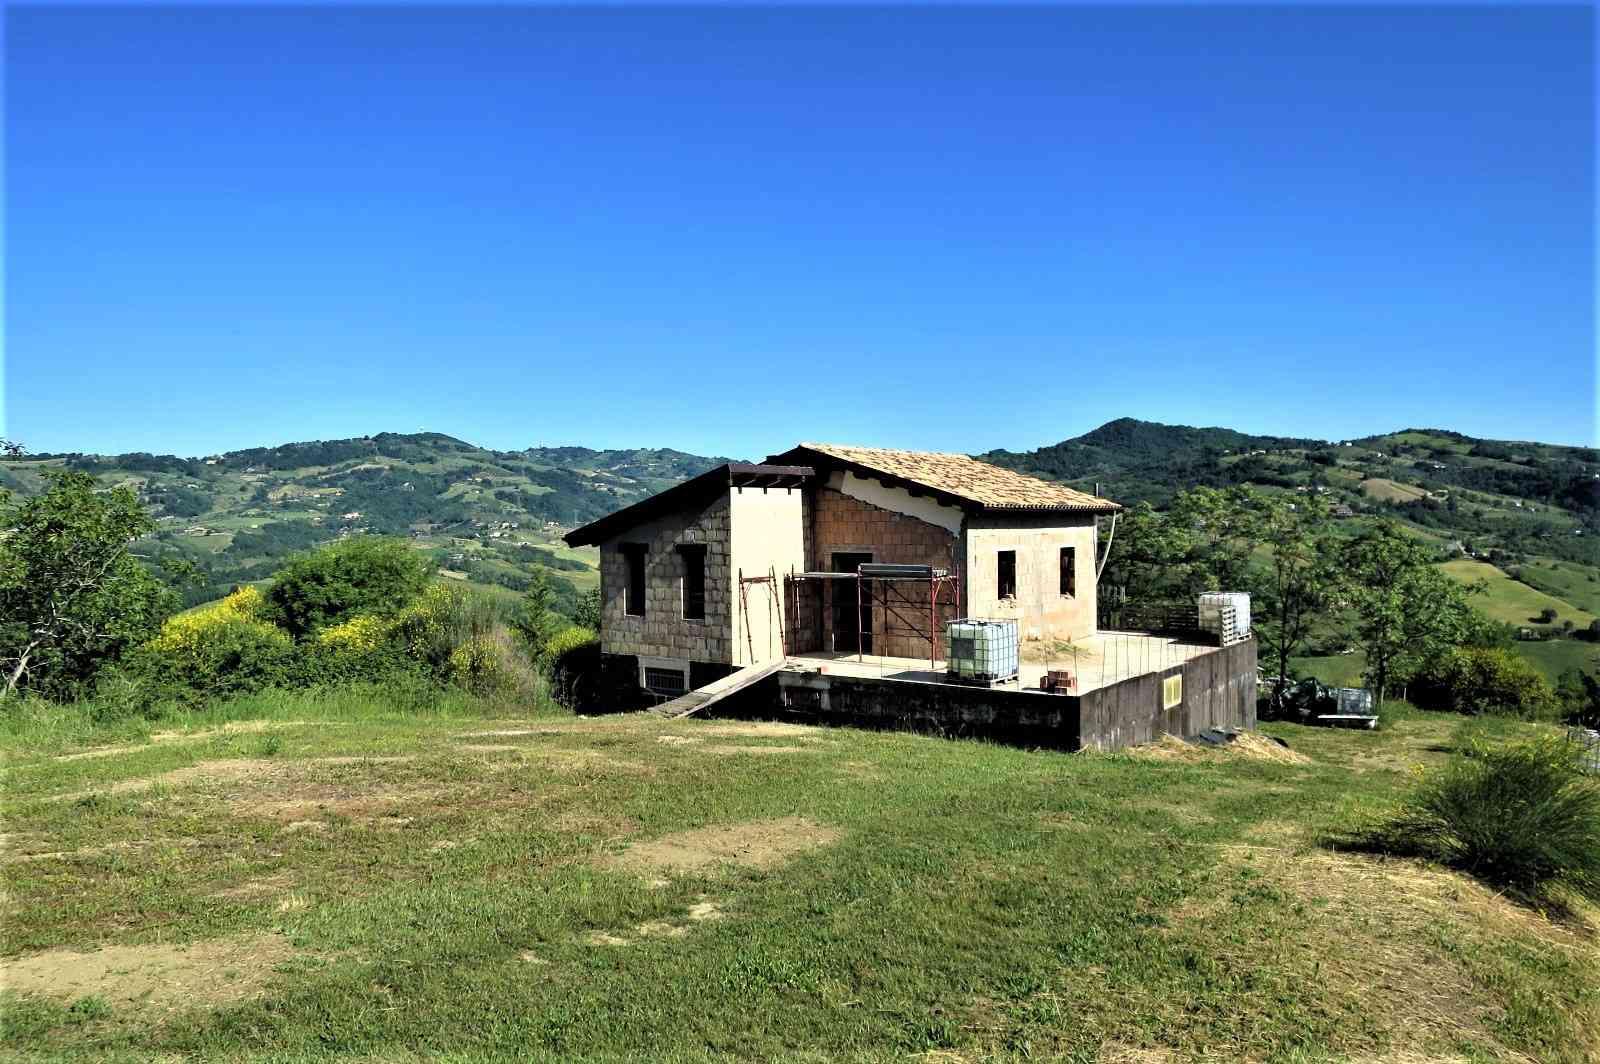 Casa di campagna Casa Paradiso - Castiglione Messer Raimondo - EUR 184.086